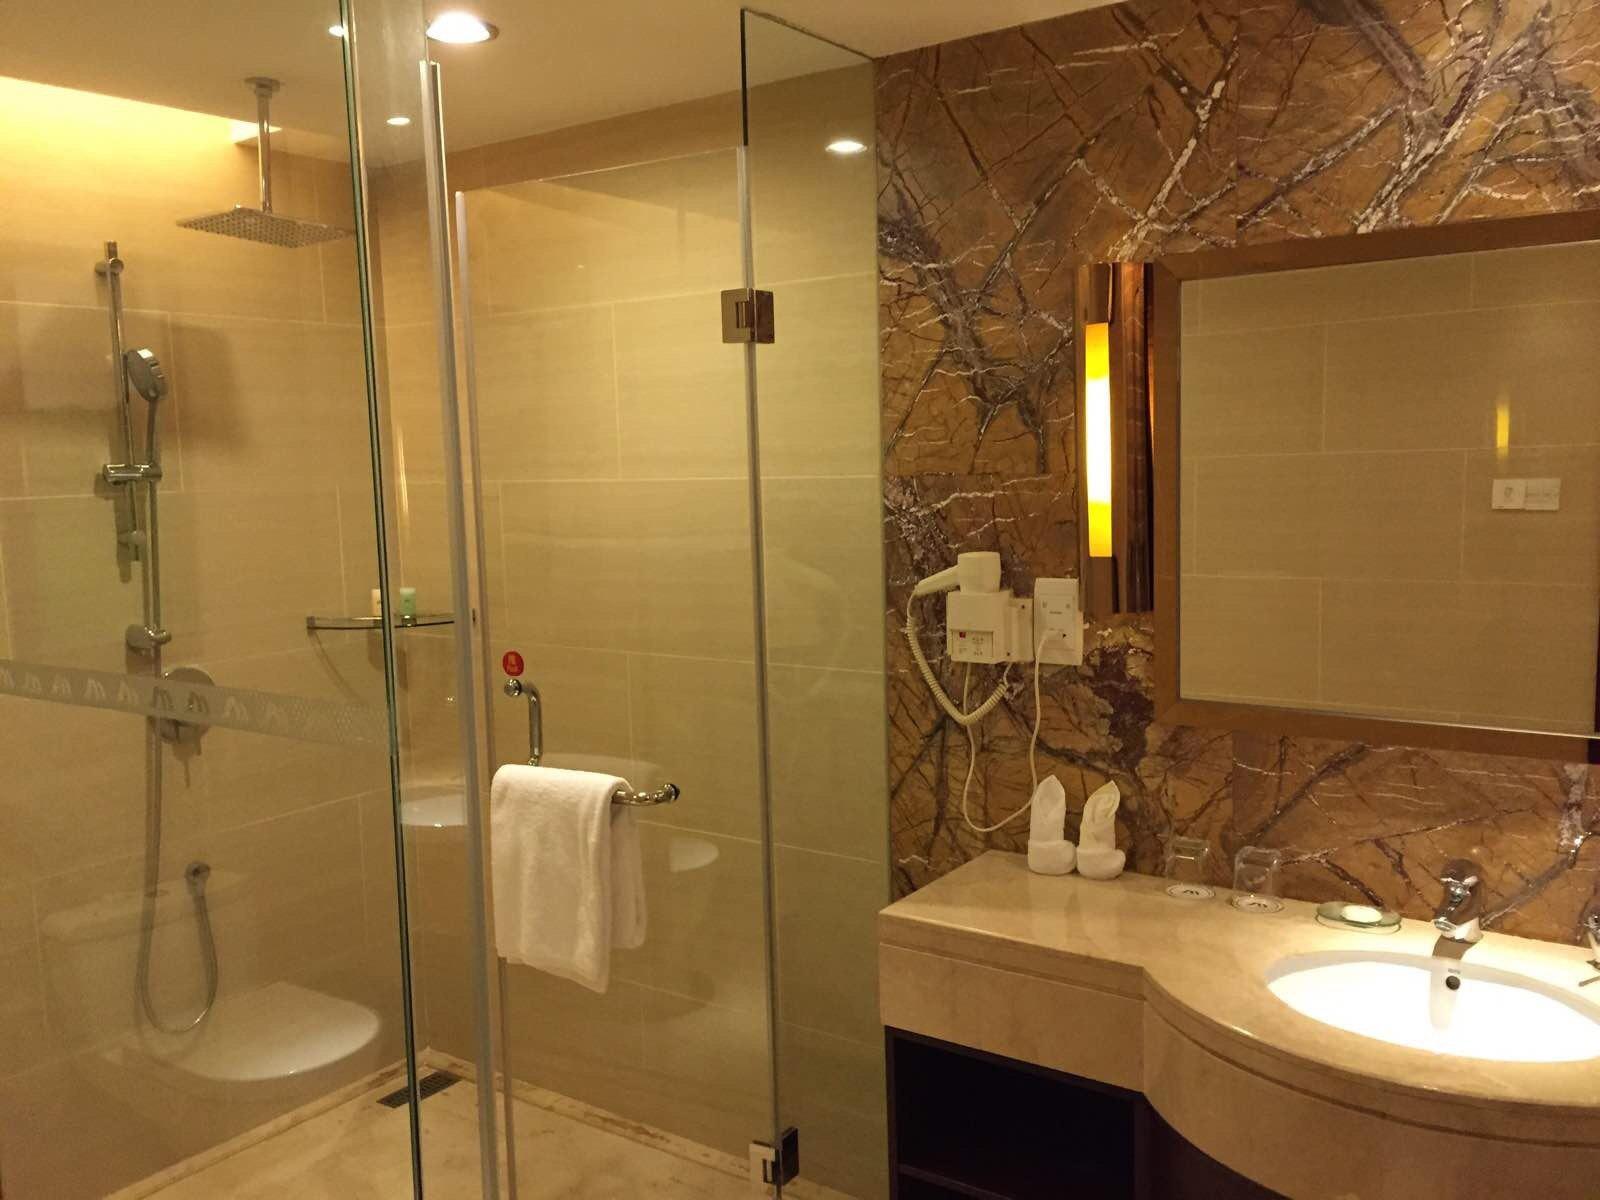 厕所 家居 设计 卫生间 卫生间装修 装修 1600_1200